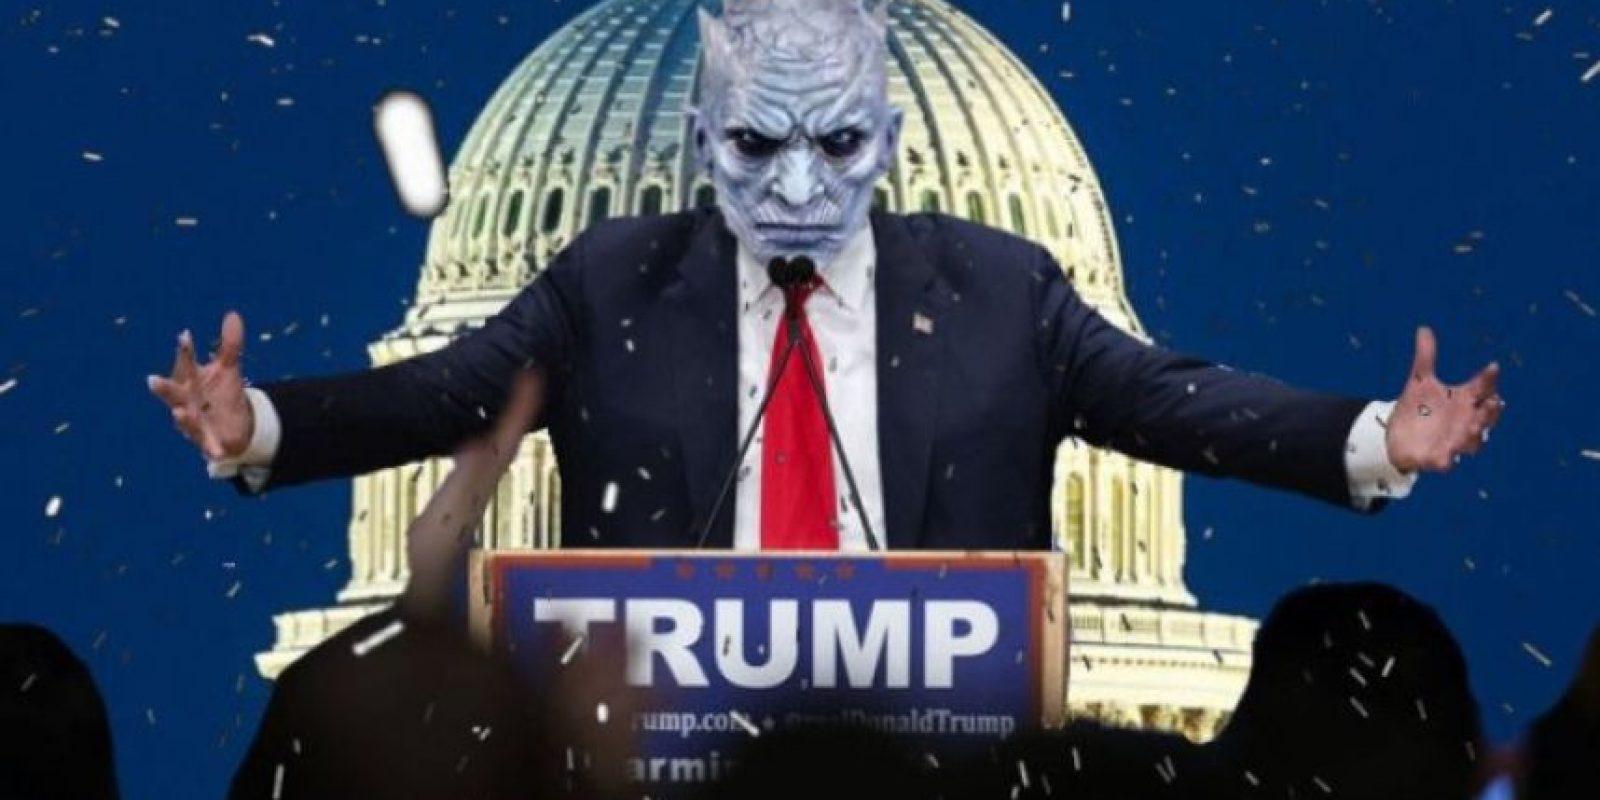 Las burlas a Donald Trump con Photoshop Foto:Vía Imgur / Reddit